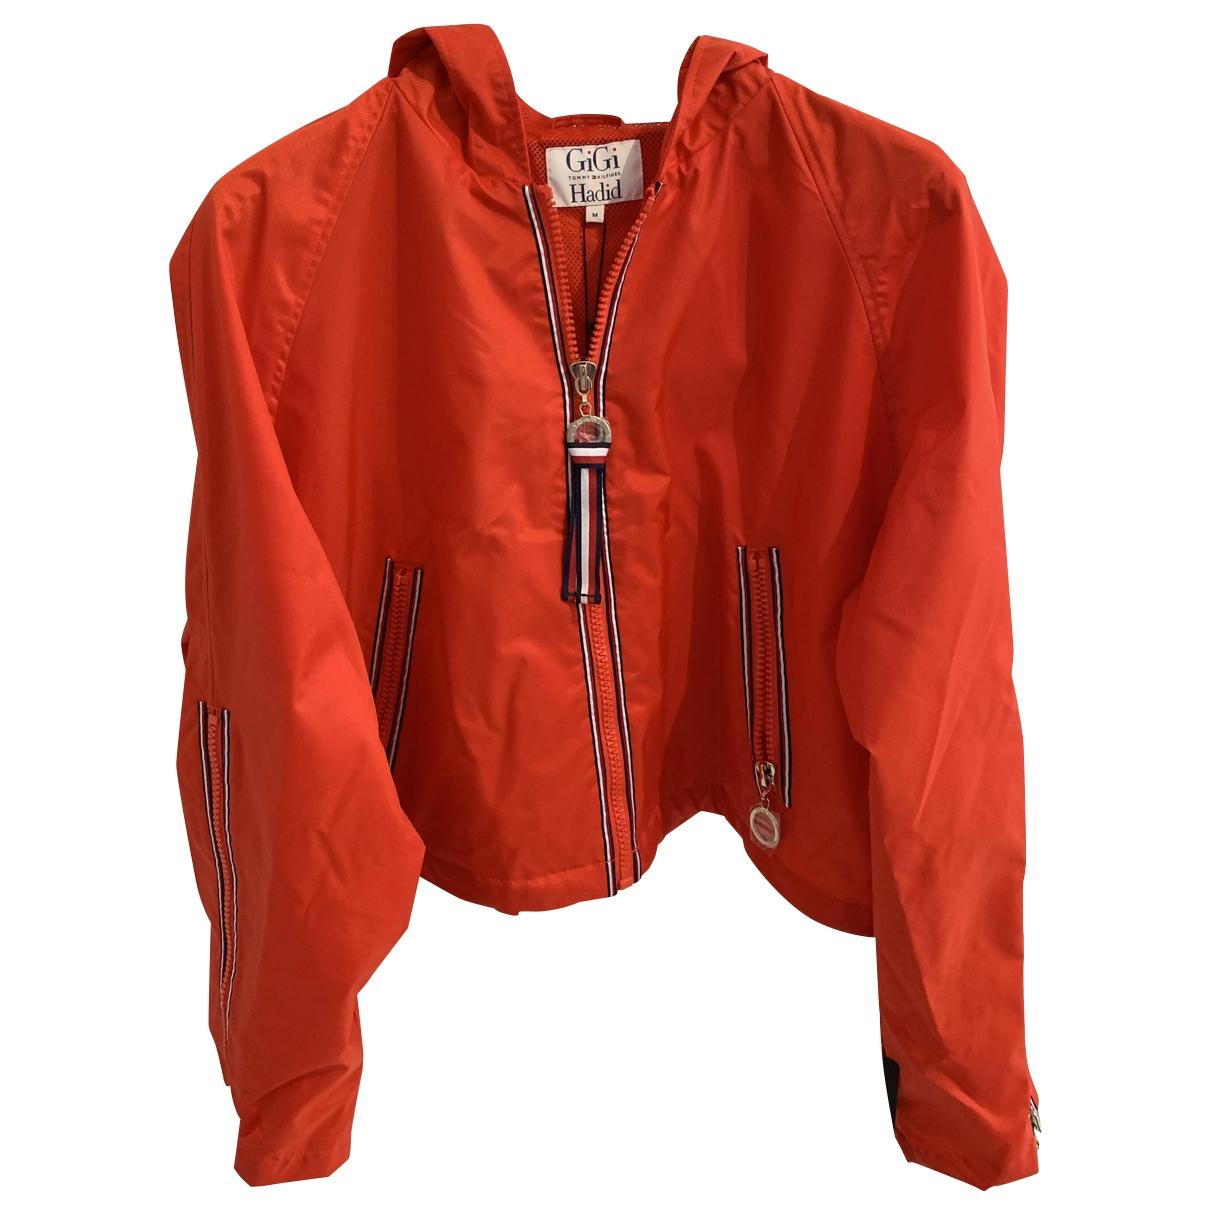 Gigi Hadid X Tommy Hilfiger \N Red jacket for Women M International